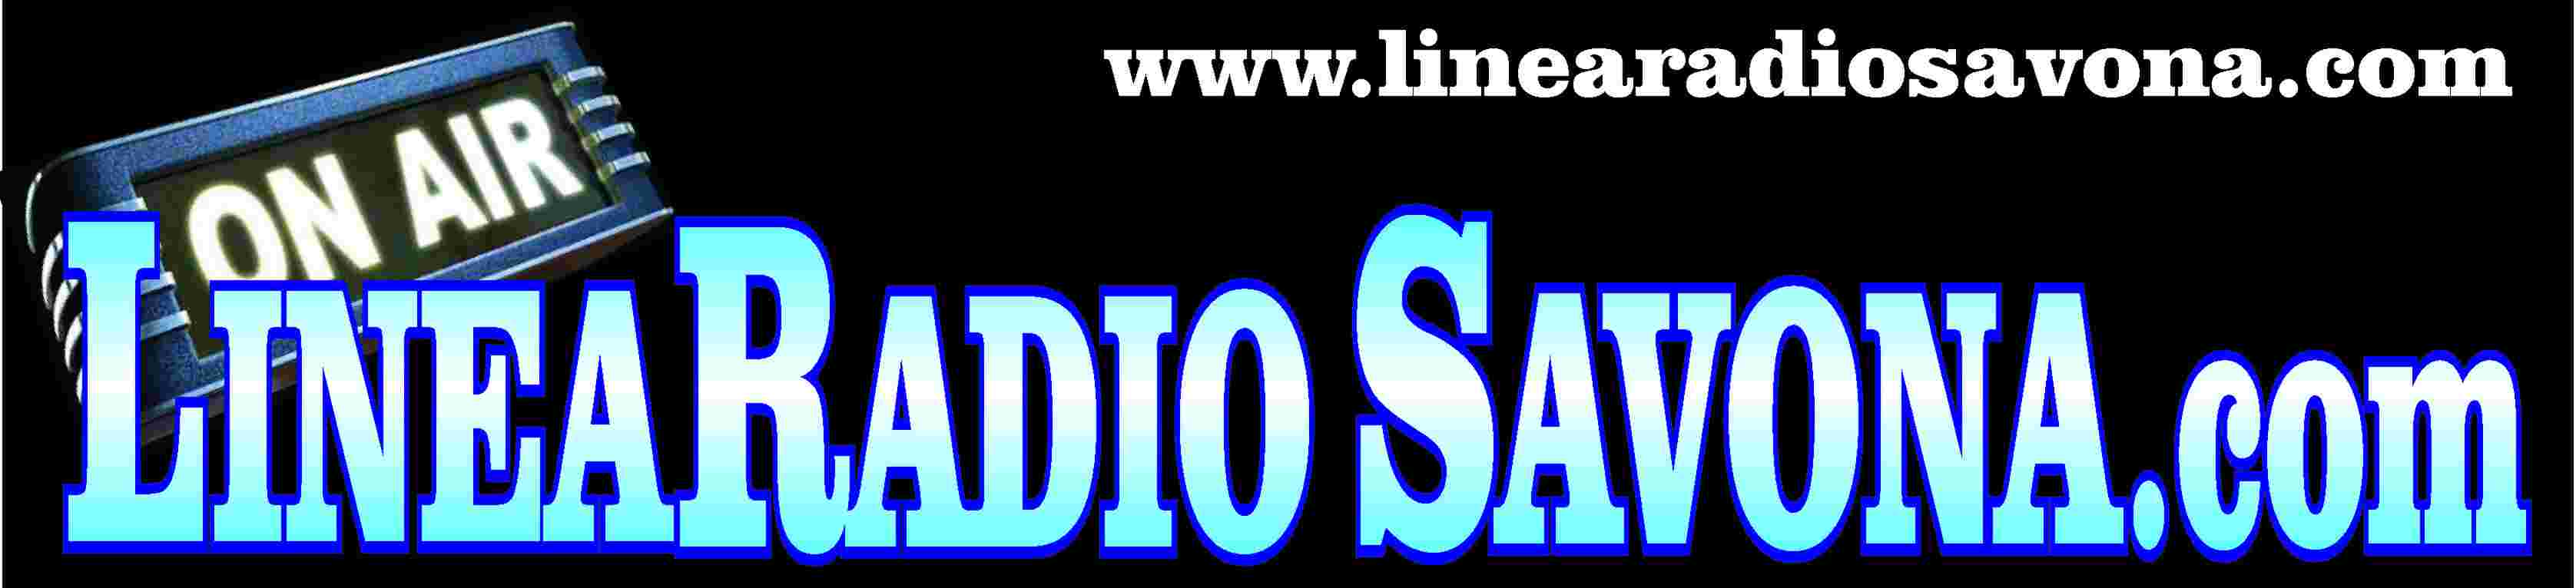 Linea Radio Savona